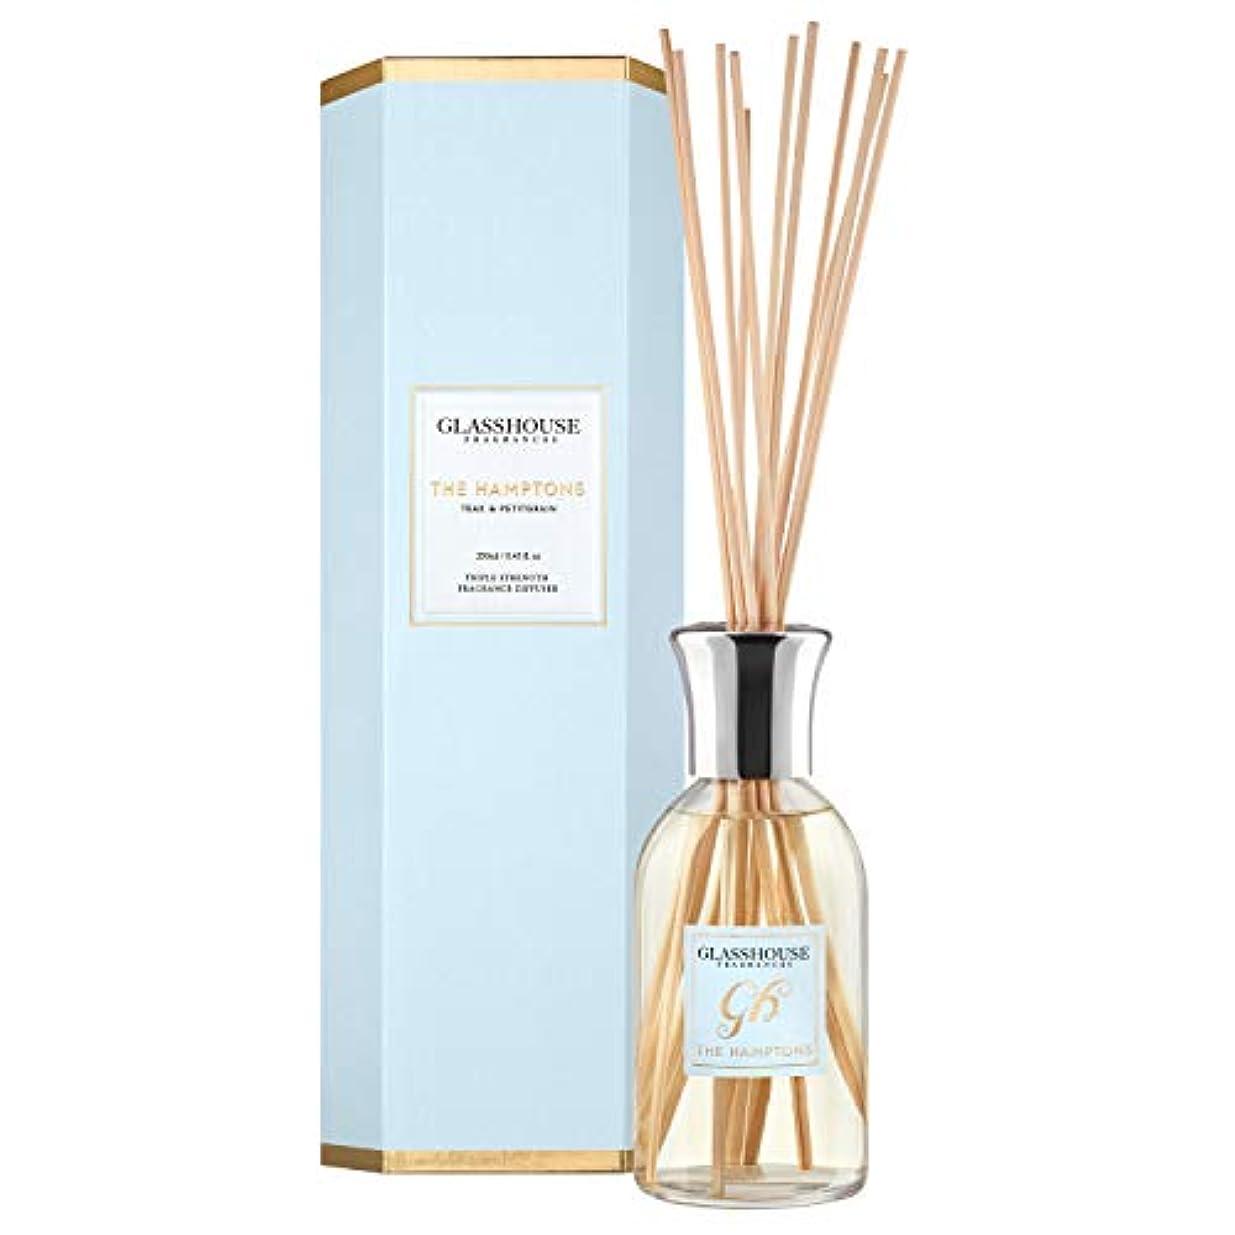 独裁者振るかみそりグラスハウス Triple Strength Fragrance Diffuser - The Hamptons 250ml/8.45oz並行輸入品